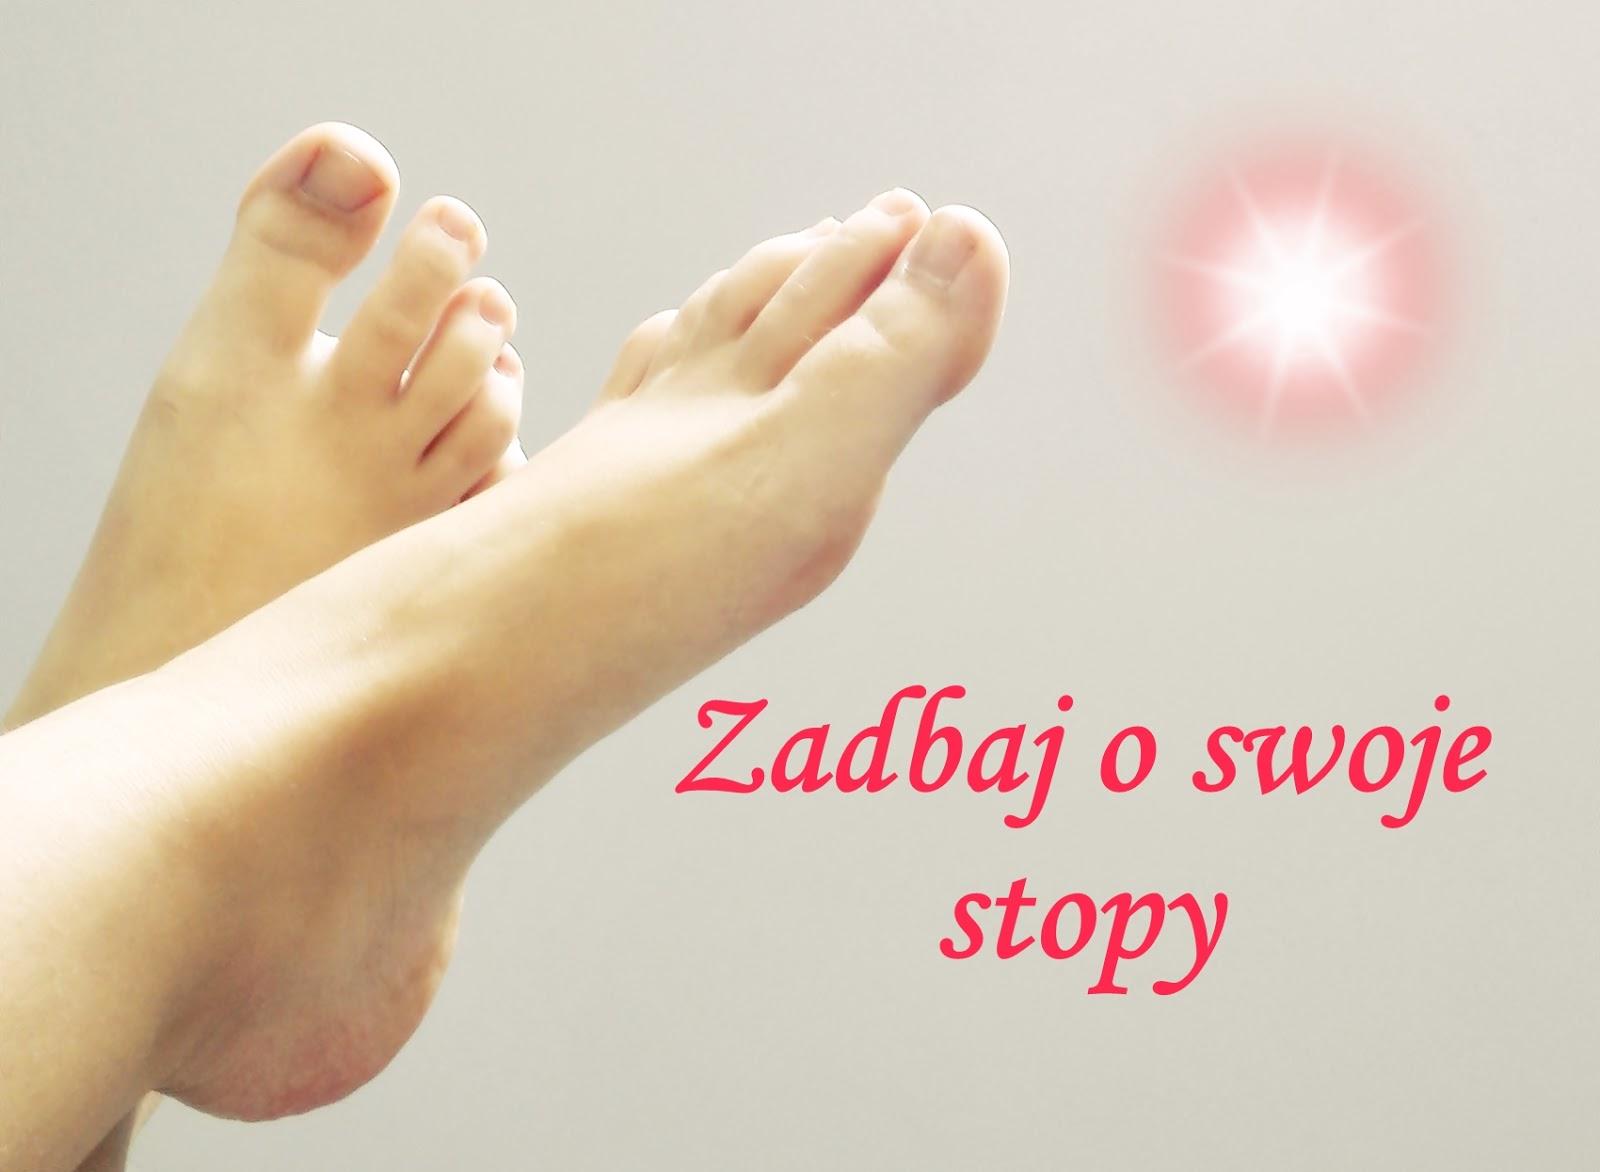 stopy_kosmetyki